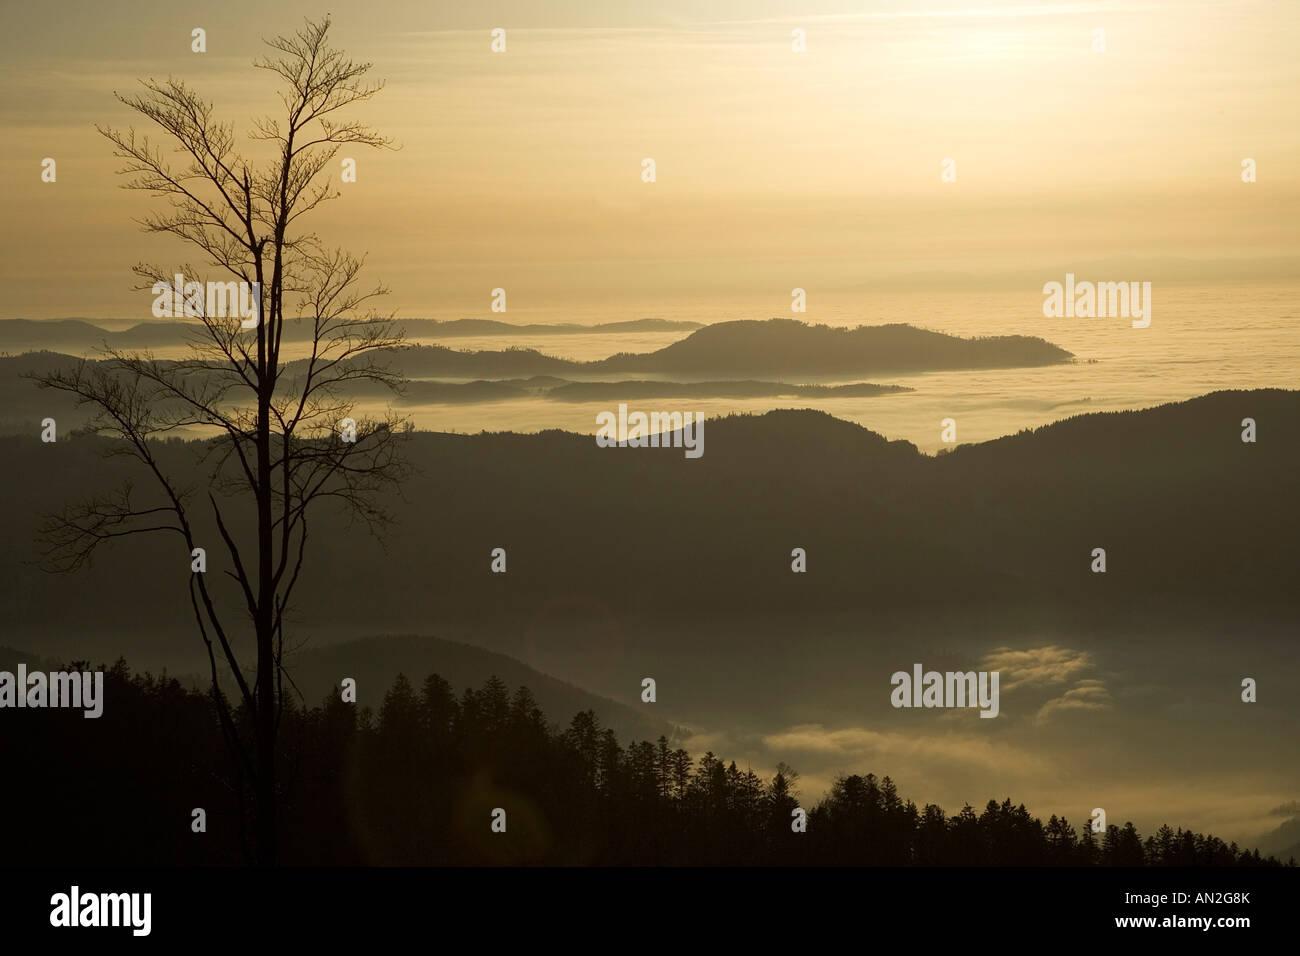 Sonnenuntergang an der Schwarzwaldhochstrasse Blick von der Hornissgrinde Schwarzwald deutschland germany europe Stock Photo